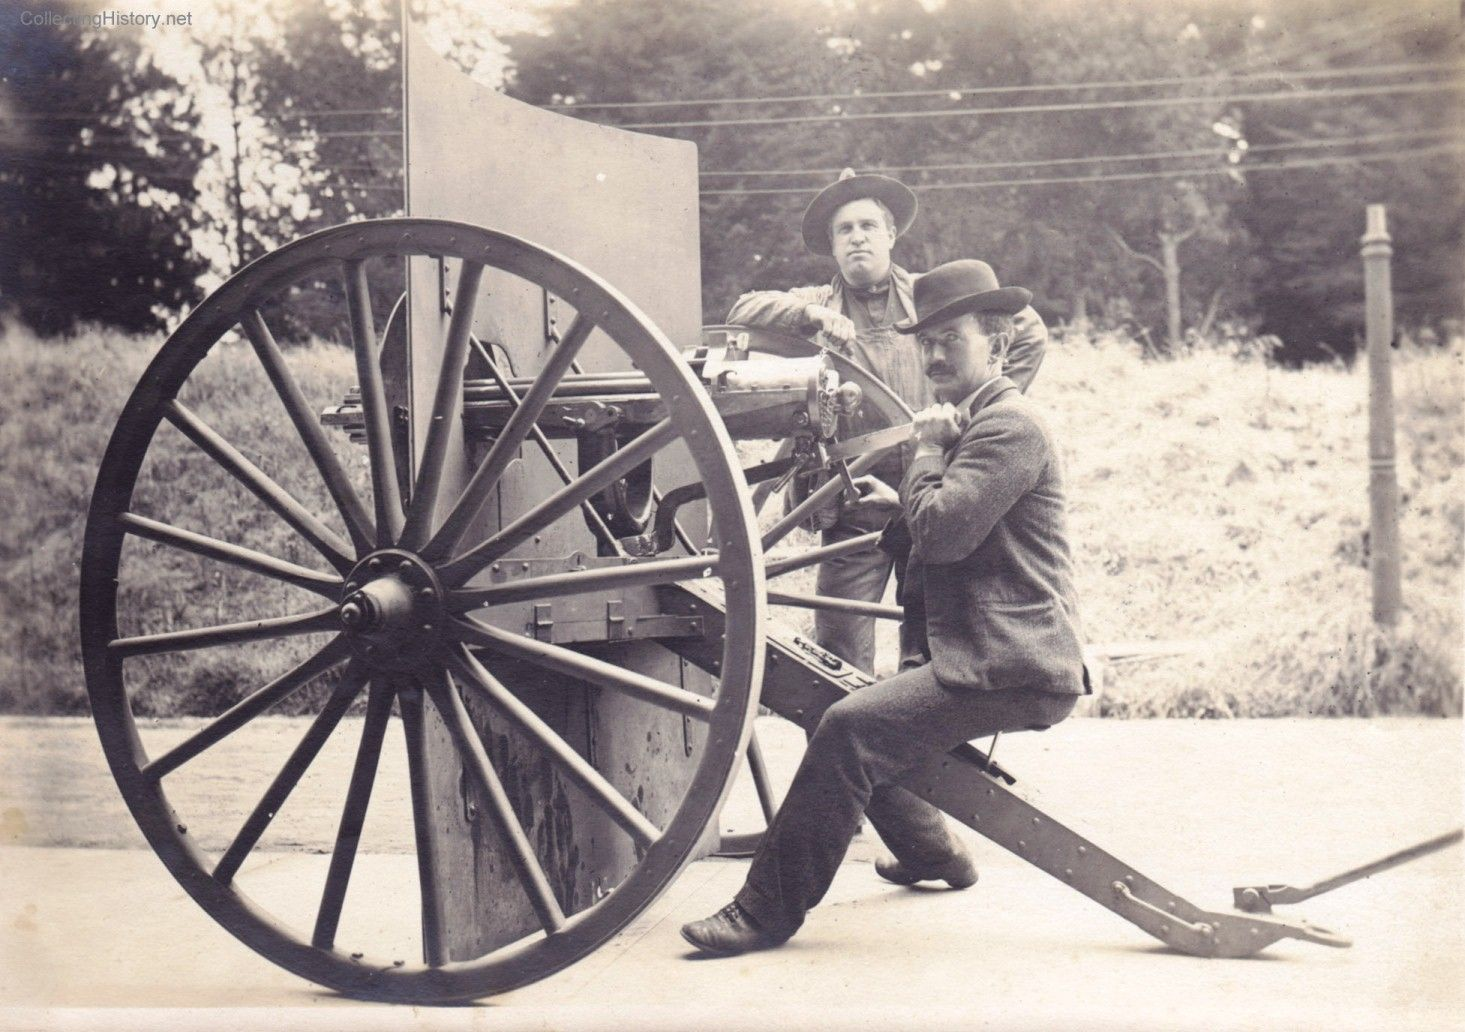 Gatling Design gatling gun baker s battery 1905 the gatling was the precursor of